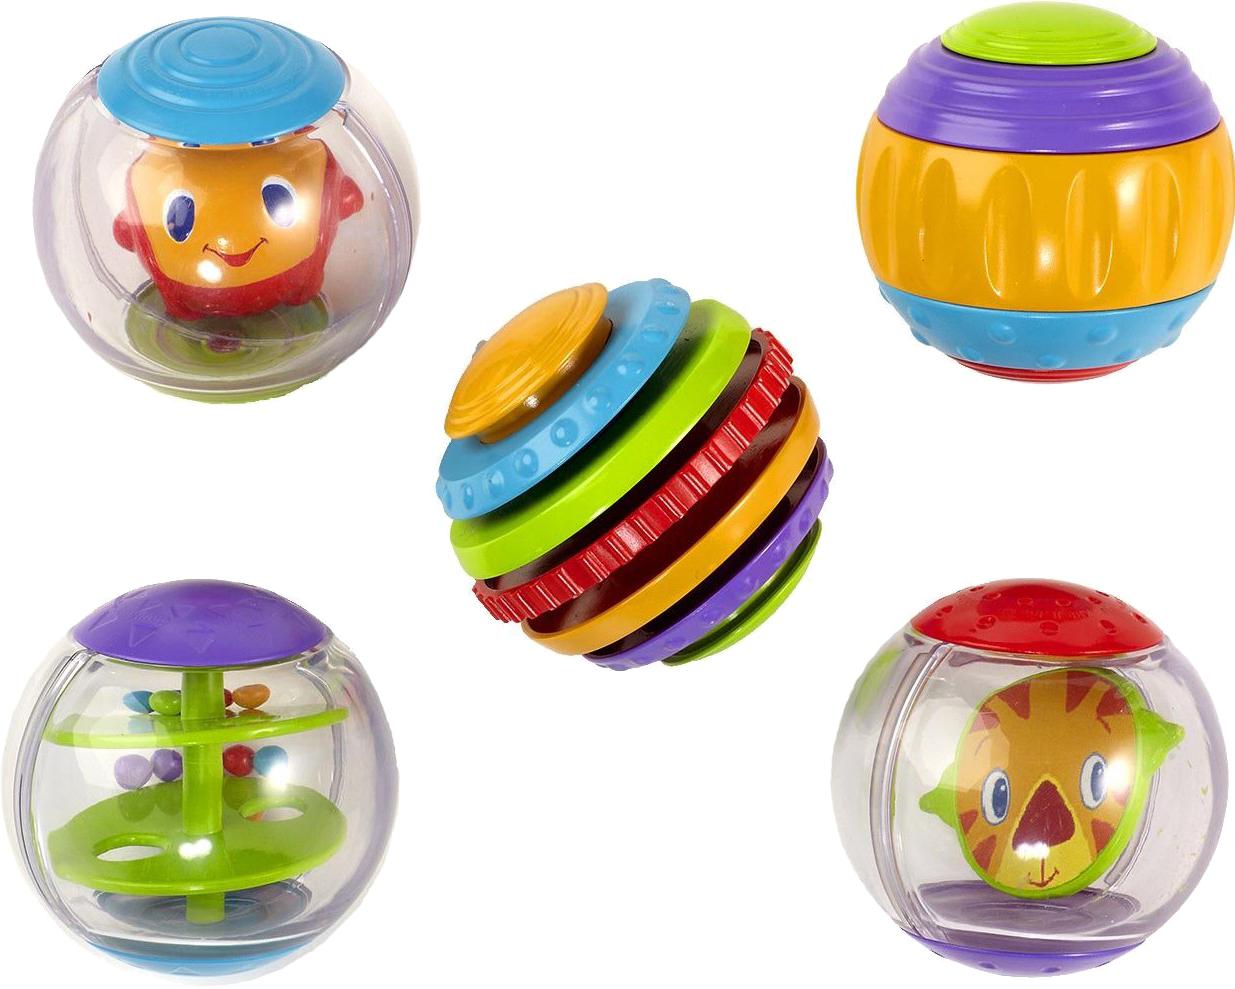 Развивающая игрушка BRIGHT STARTS Забавные шарики развивающая игрушка bright starts море удовольствия тигренок 8814 5